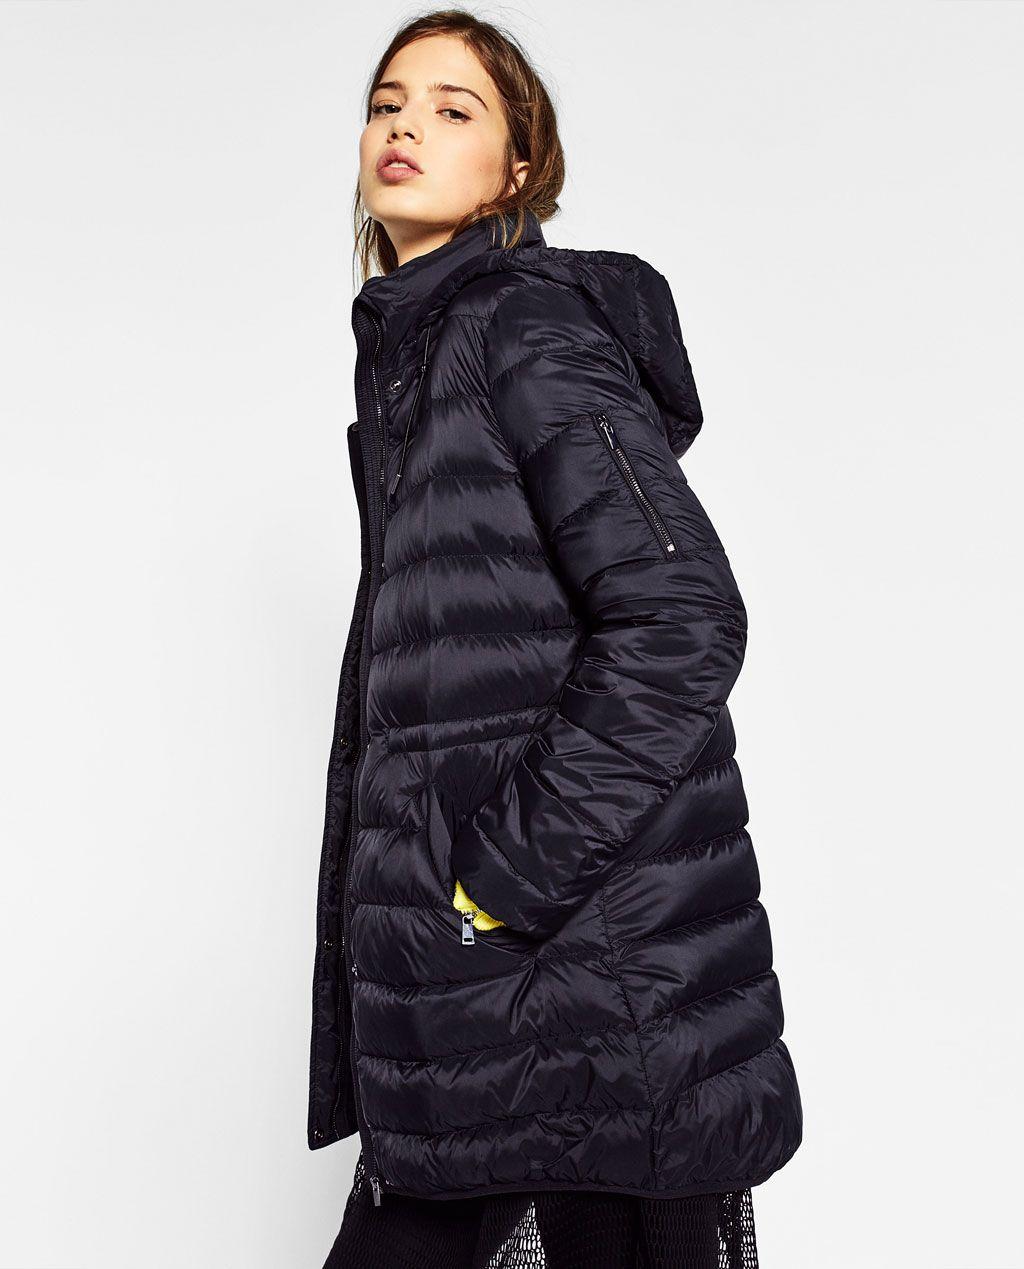 Compra abrigos de pluma de ganso de las mujeres online al